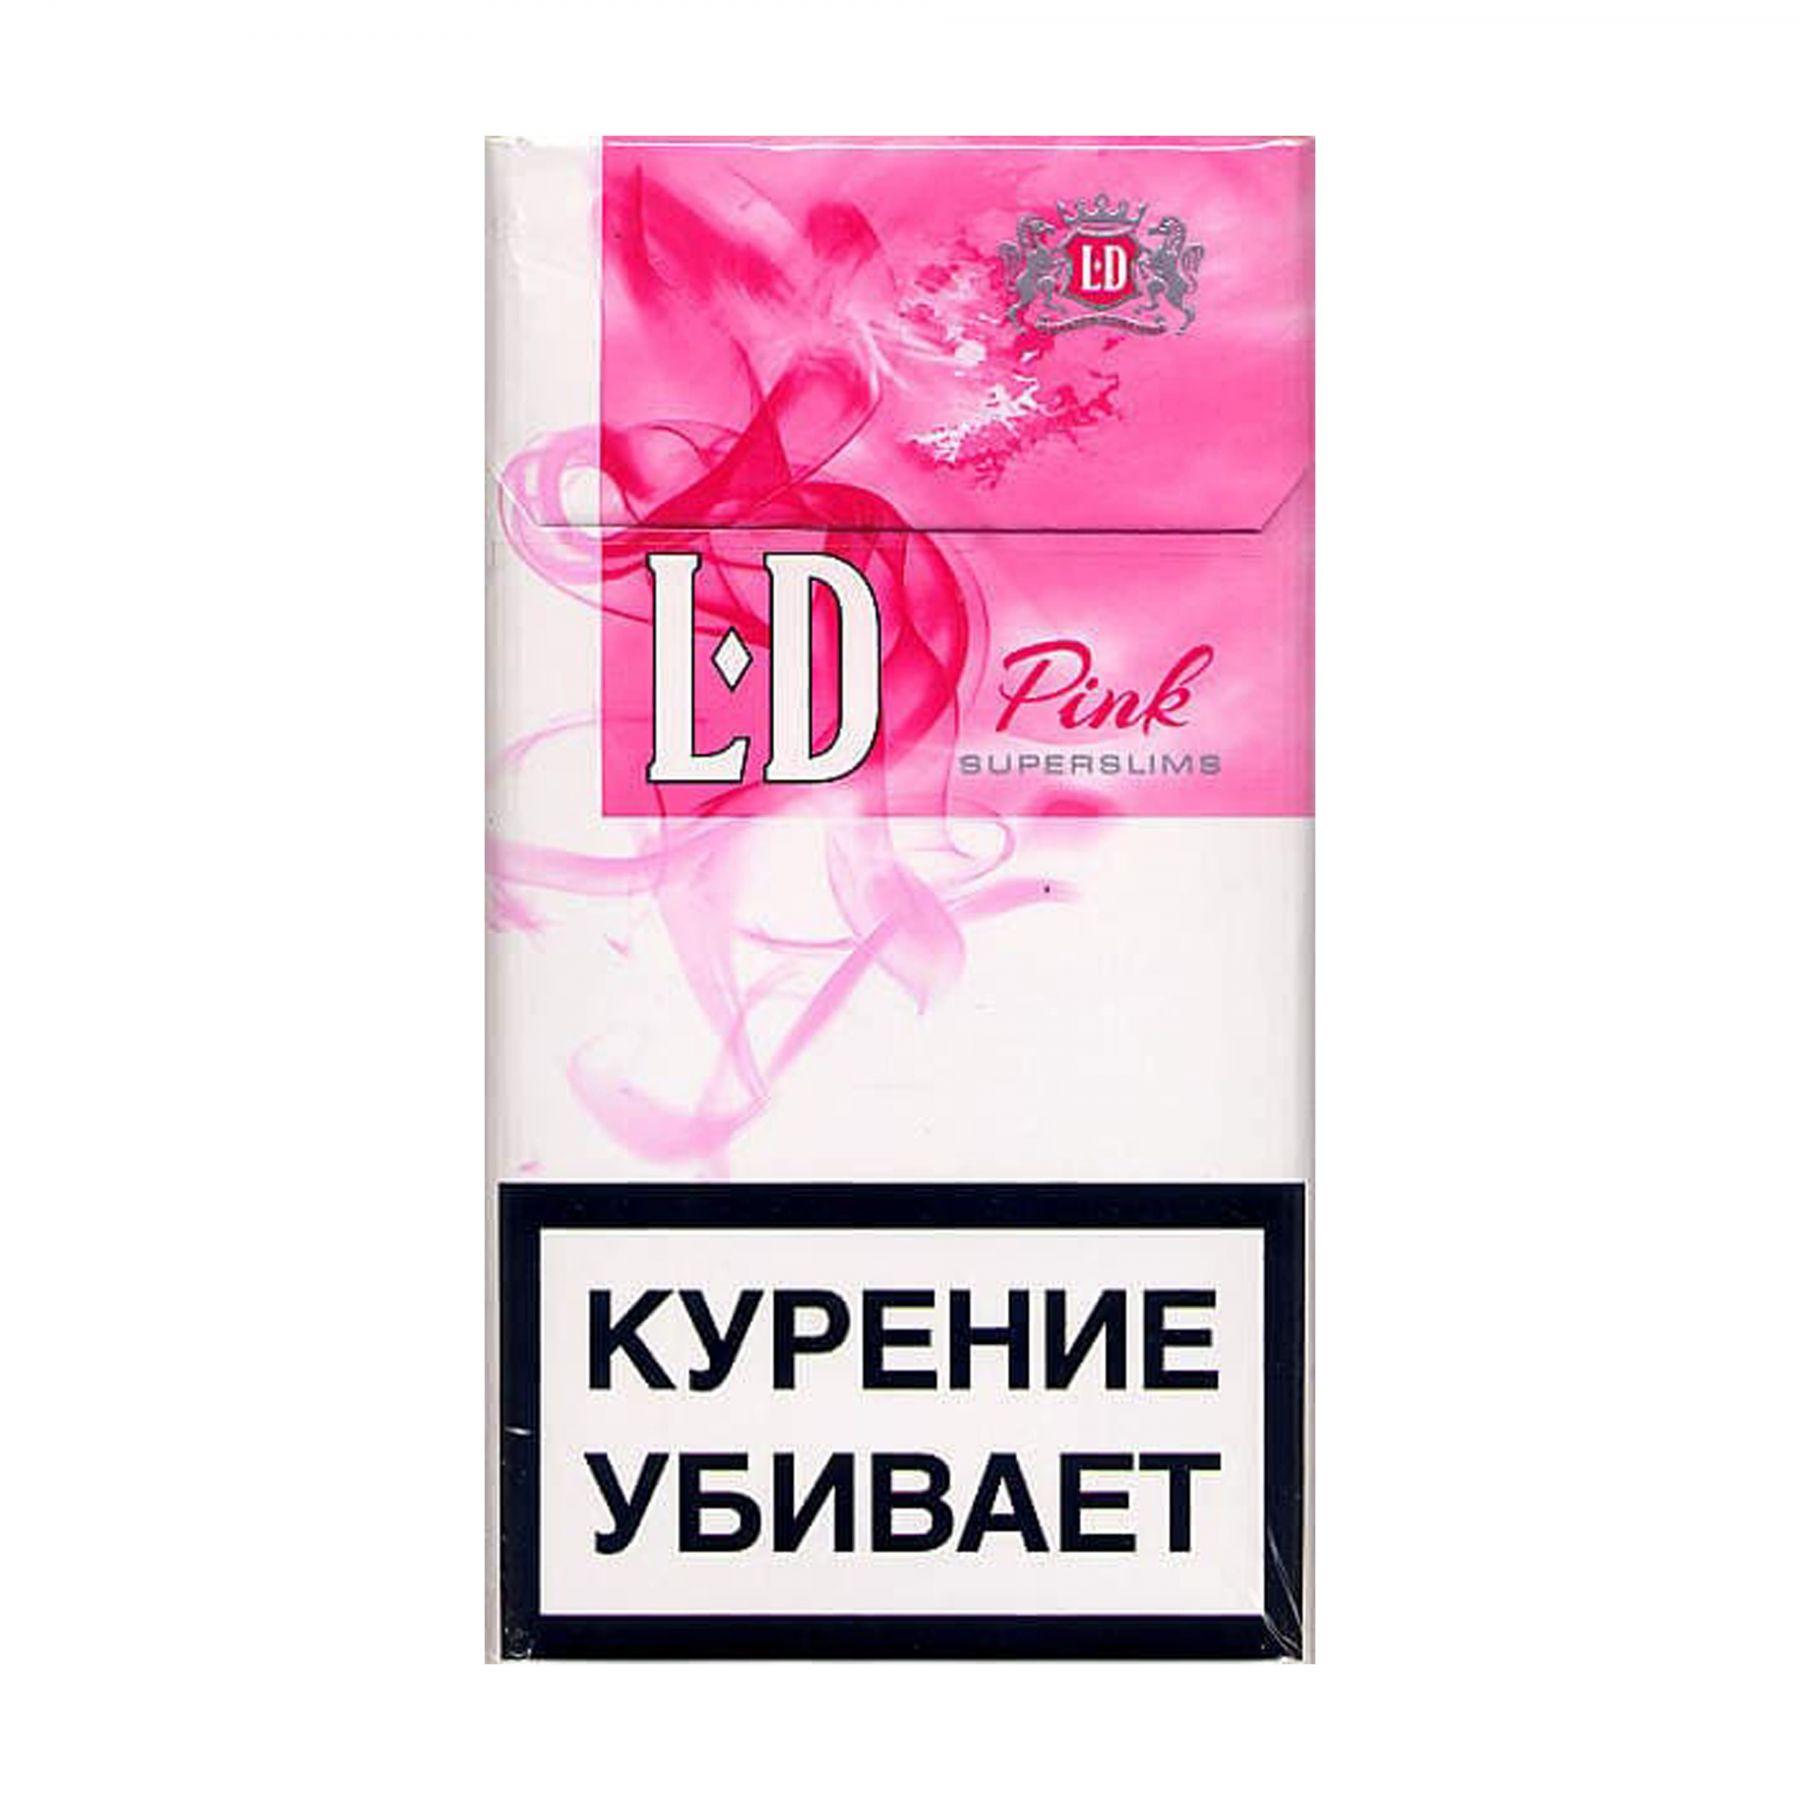 Купить сигареты лд в спб life одноразовые электронные сигареты